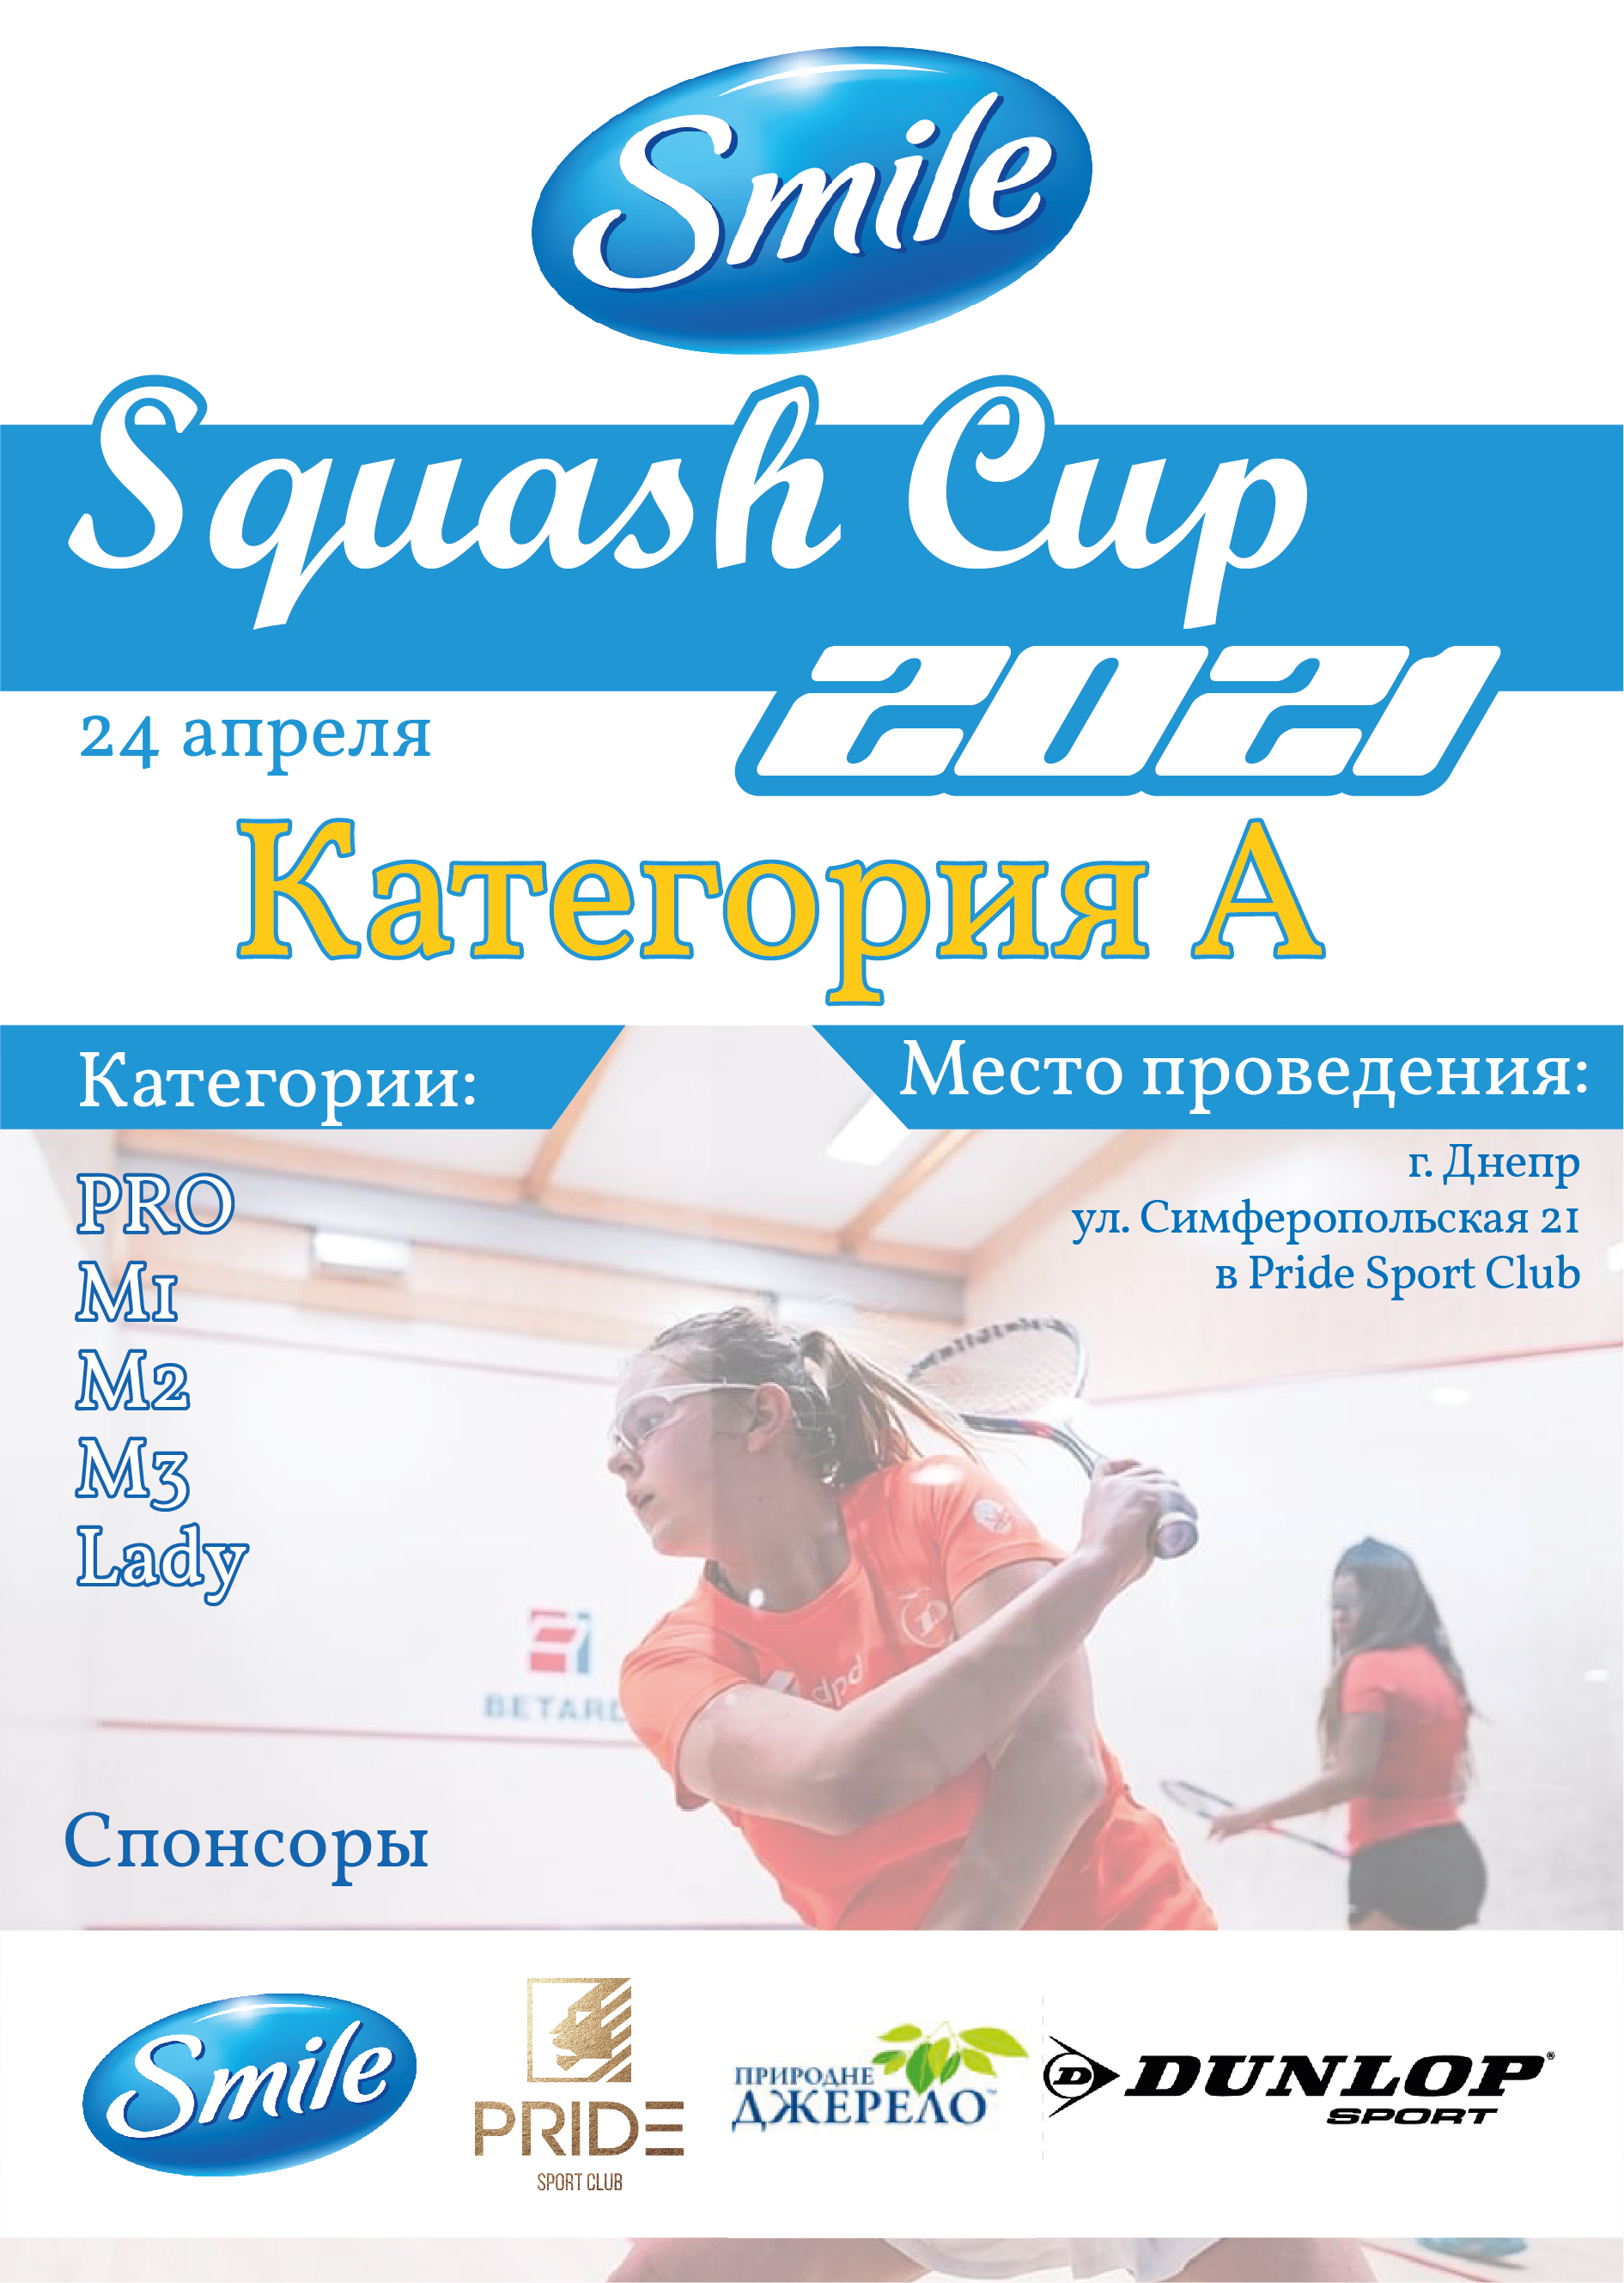 Smile Squash Cup 2021